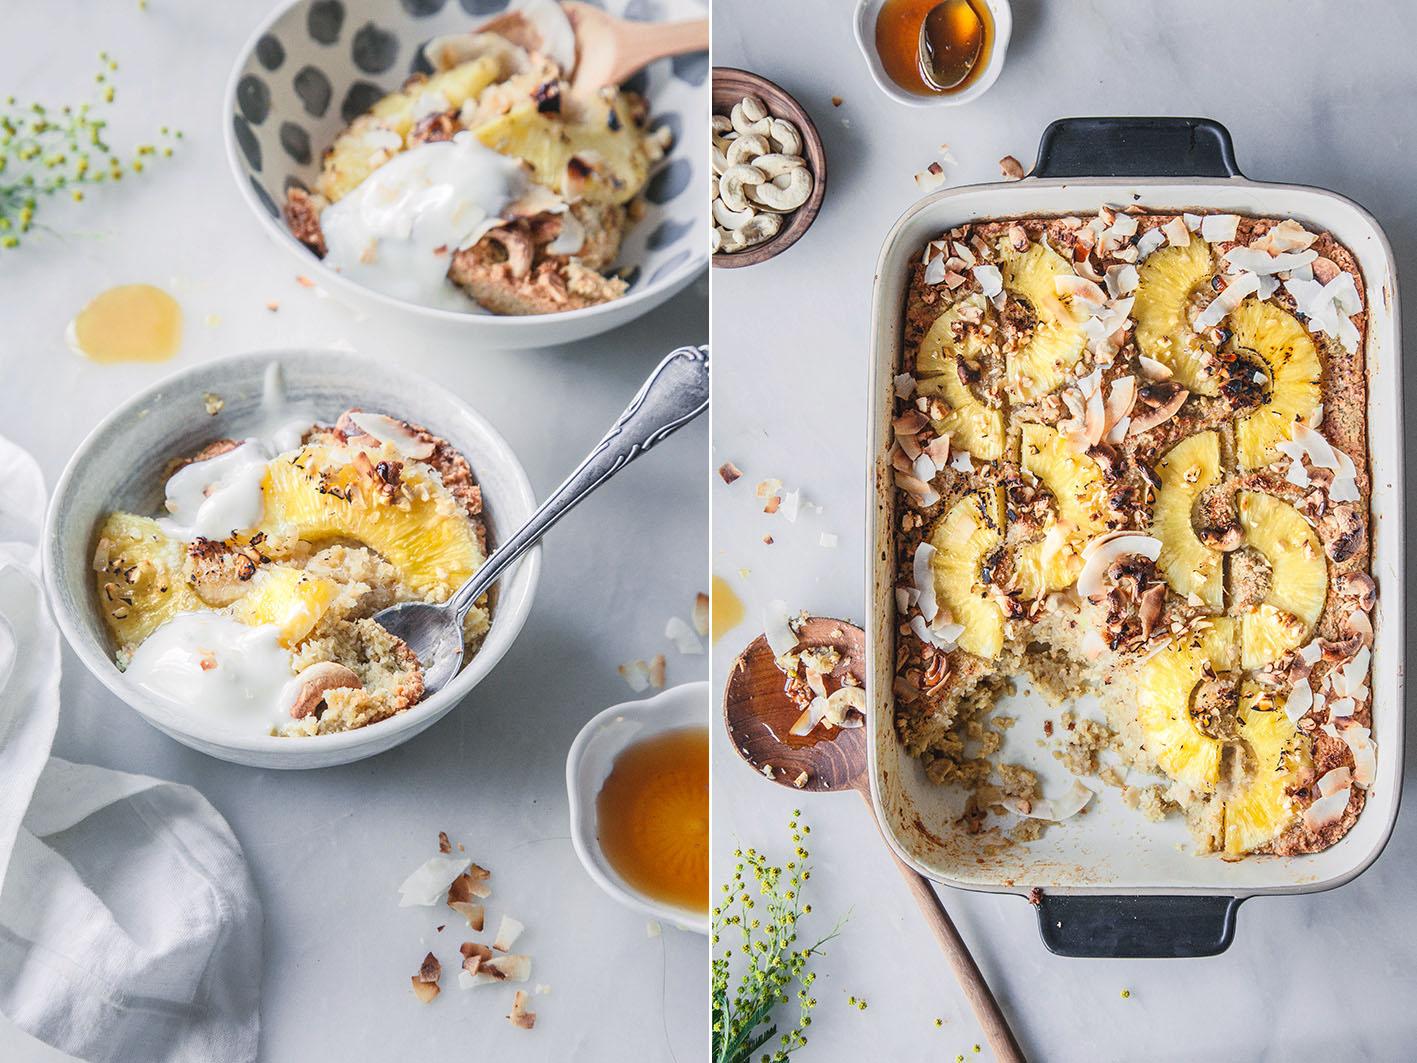 Himmlischer Frühstücksauflauf mit Ananas und Kokosmilch